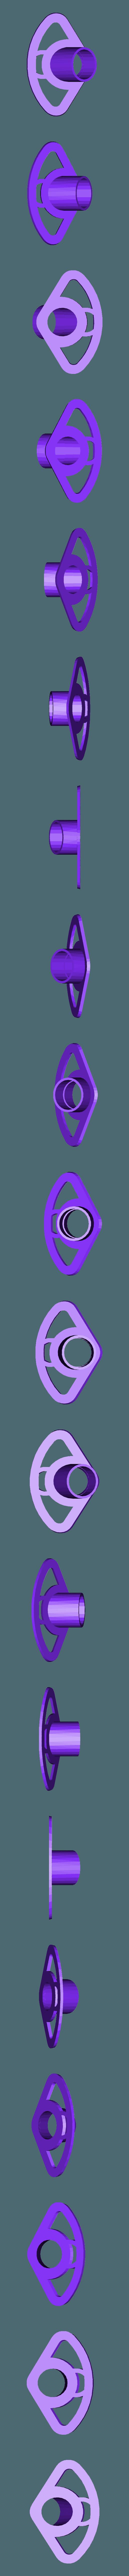 pata.stl Télécharger fichier STL gratuit Trépied générique • Design à imprimer en 3D, raulrrojas